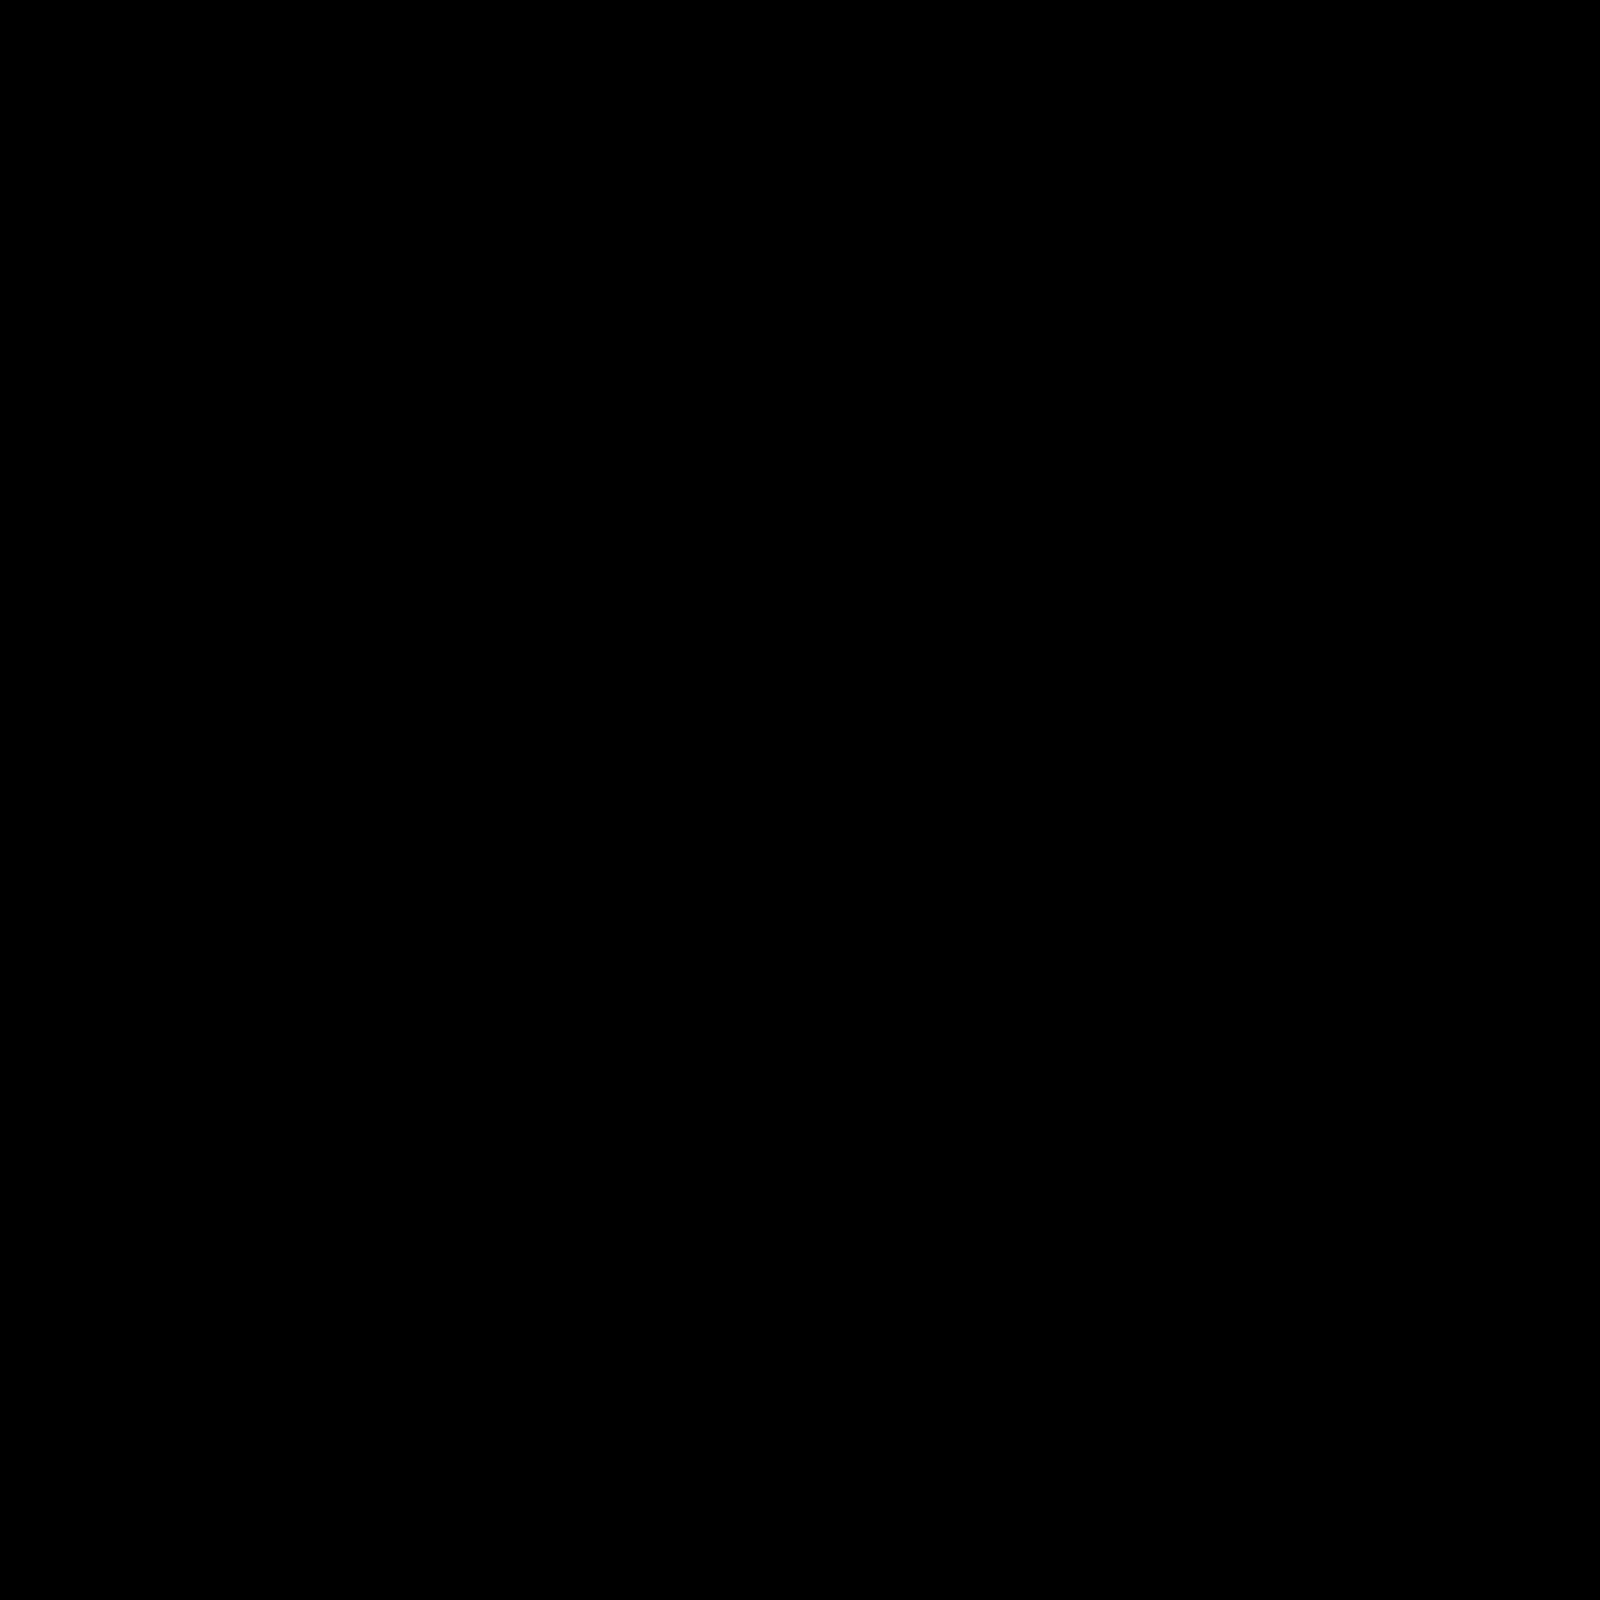 Królewski namiot icon